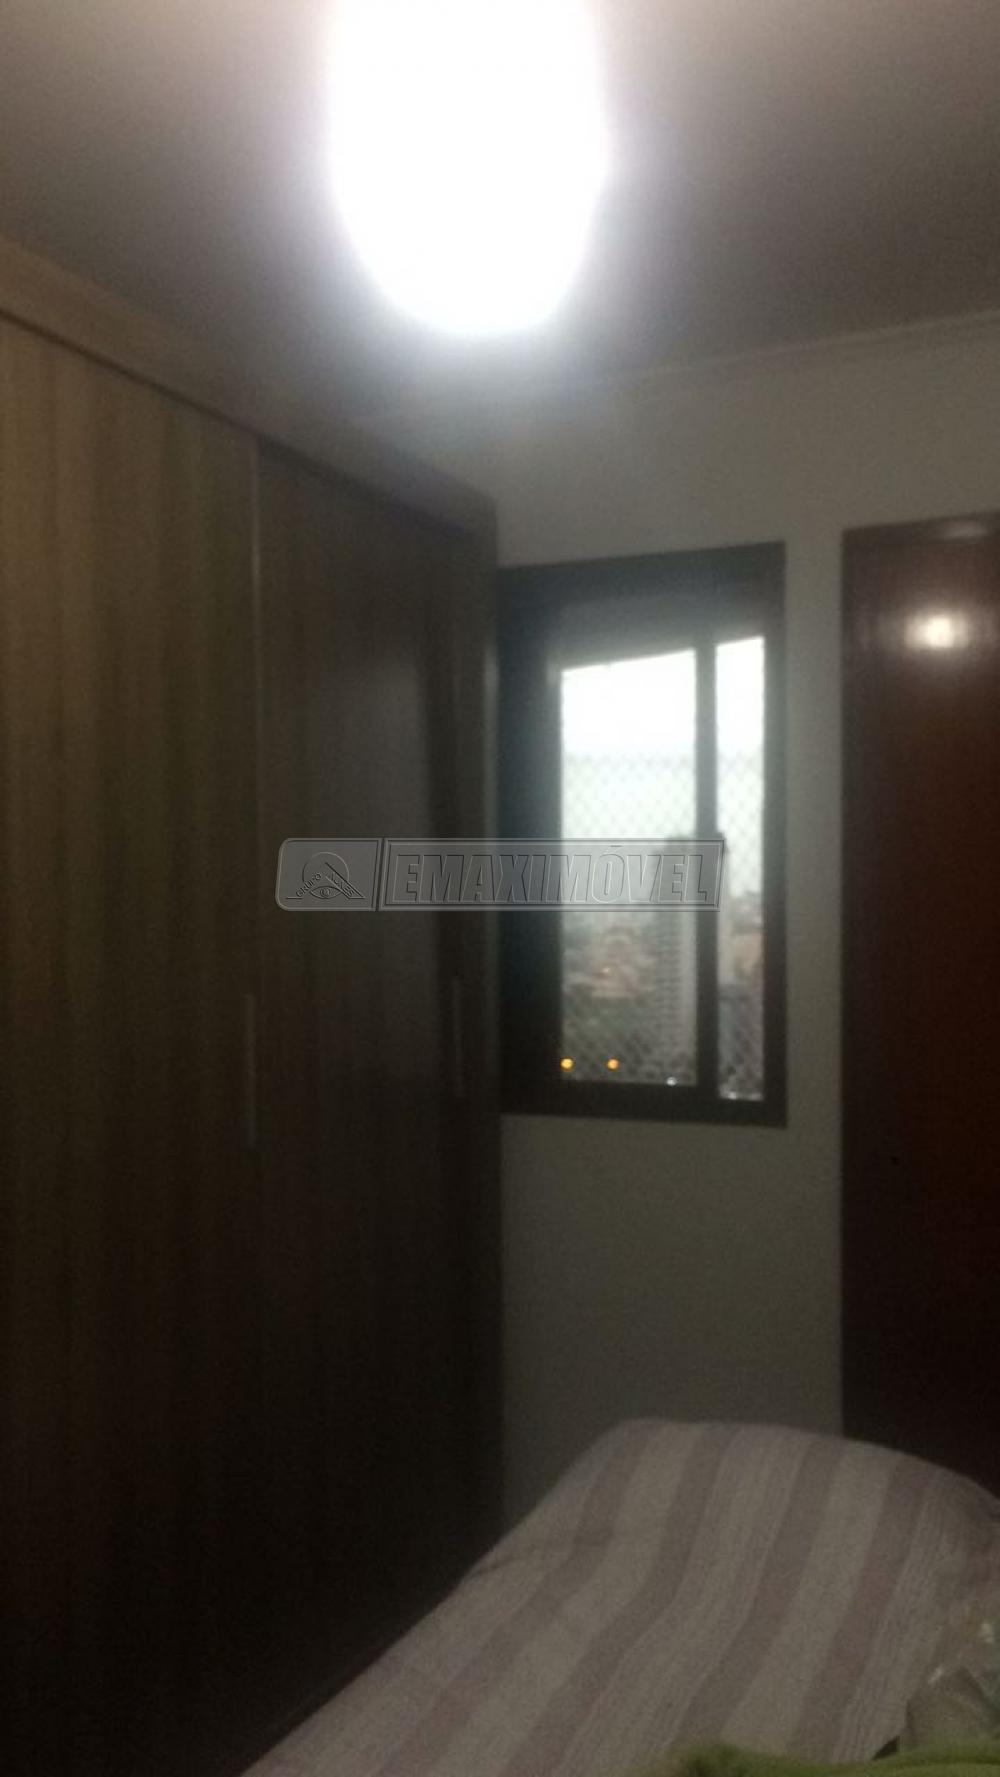 Comprar Apartamentos / Apto Padrão em Sorocaba apenas R$ 440.000,00 - Foto 8